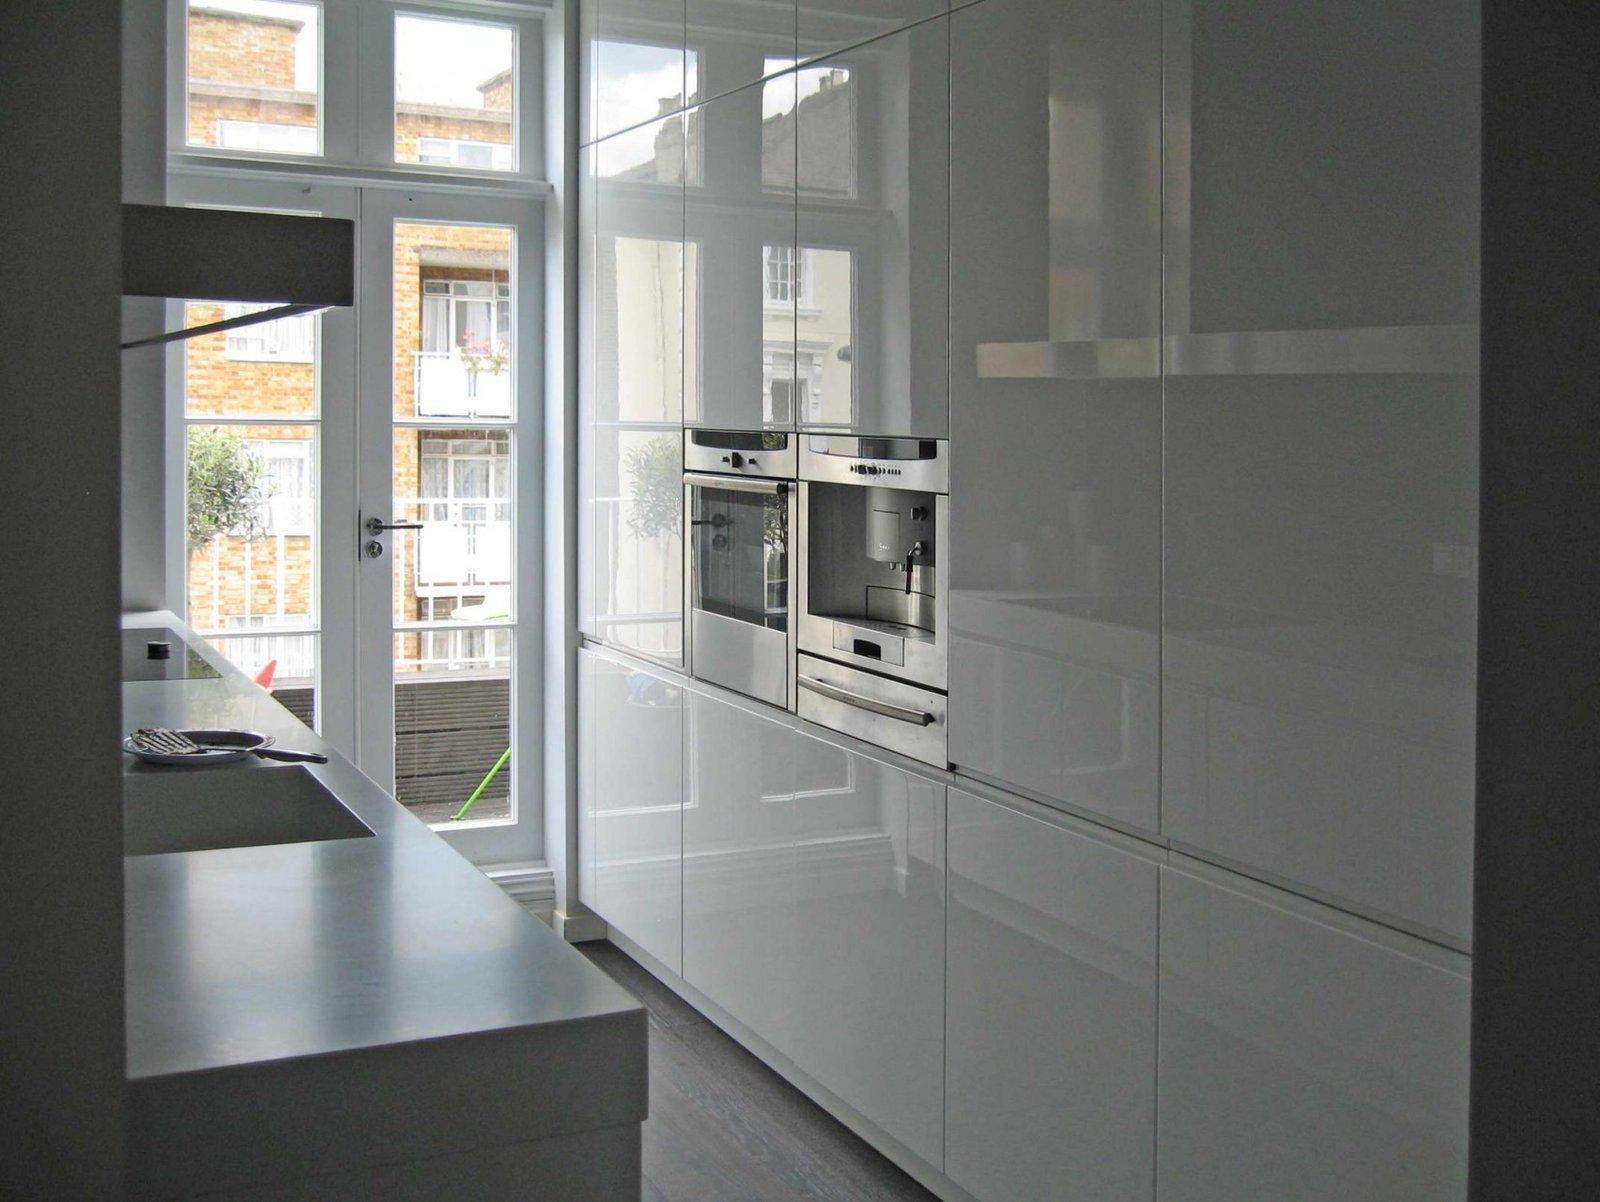 Le colonne laccate a poliestere bianco lucido poste affianco alla caratteristica porta finestra riflettono lucenze e colori.